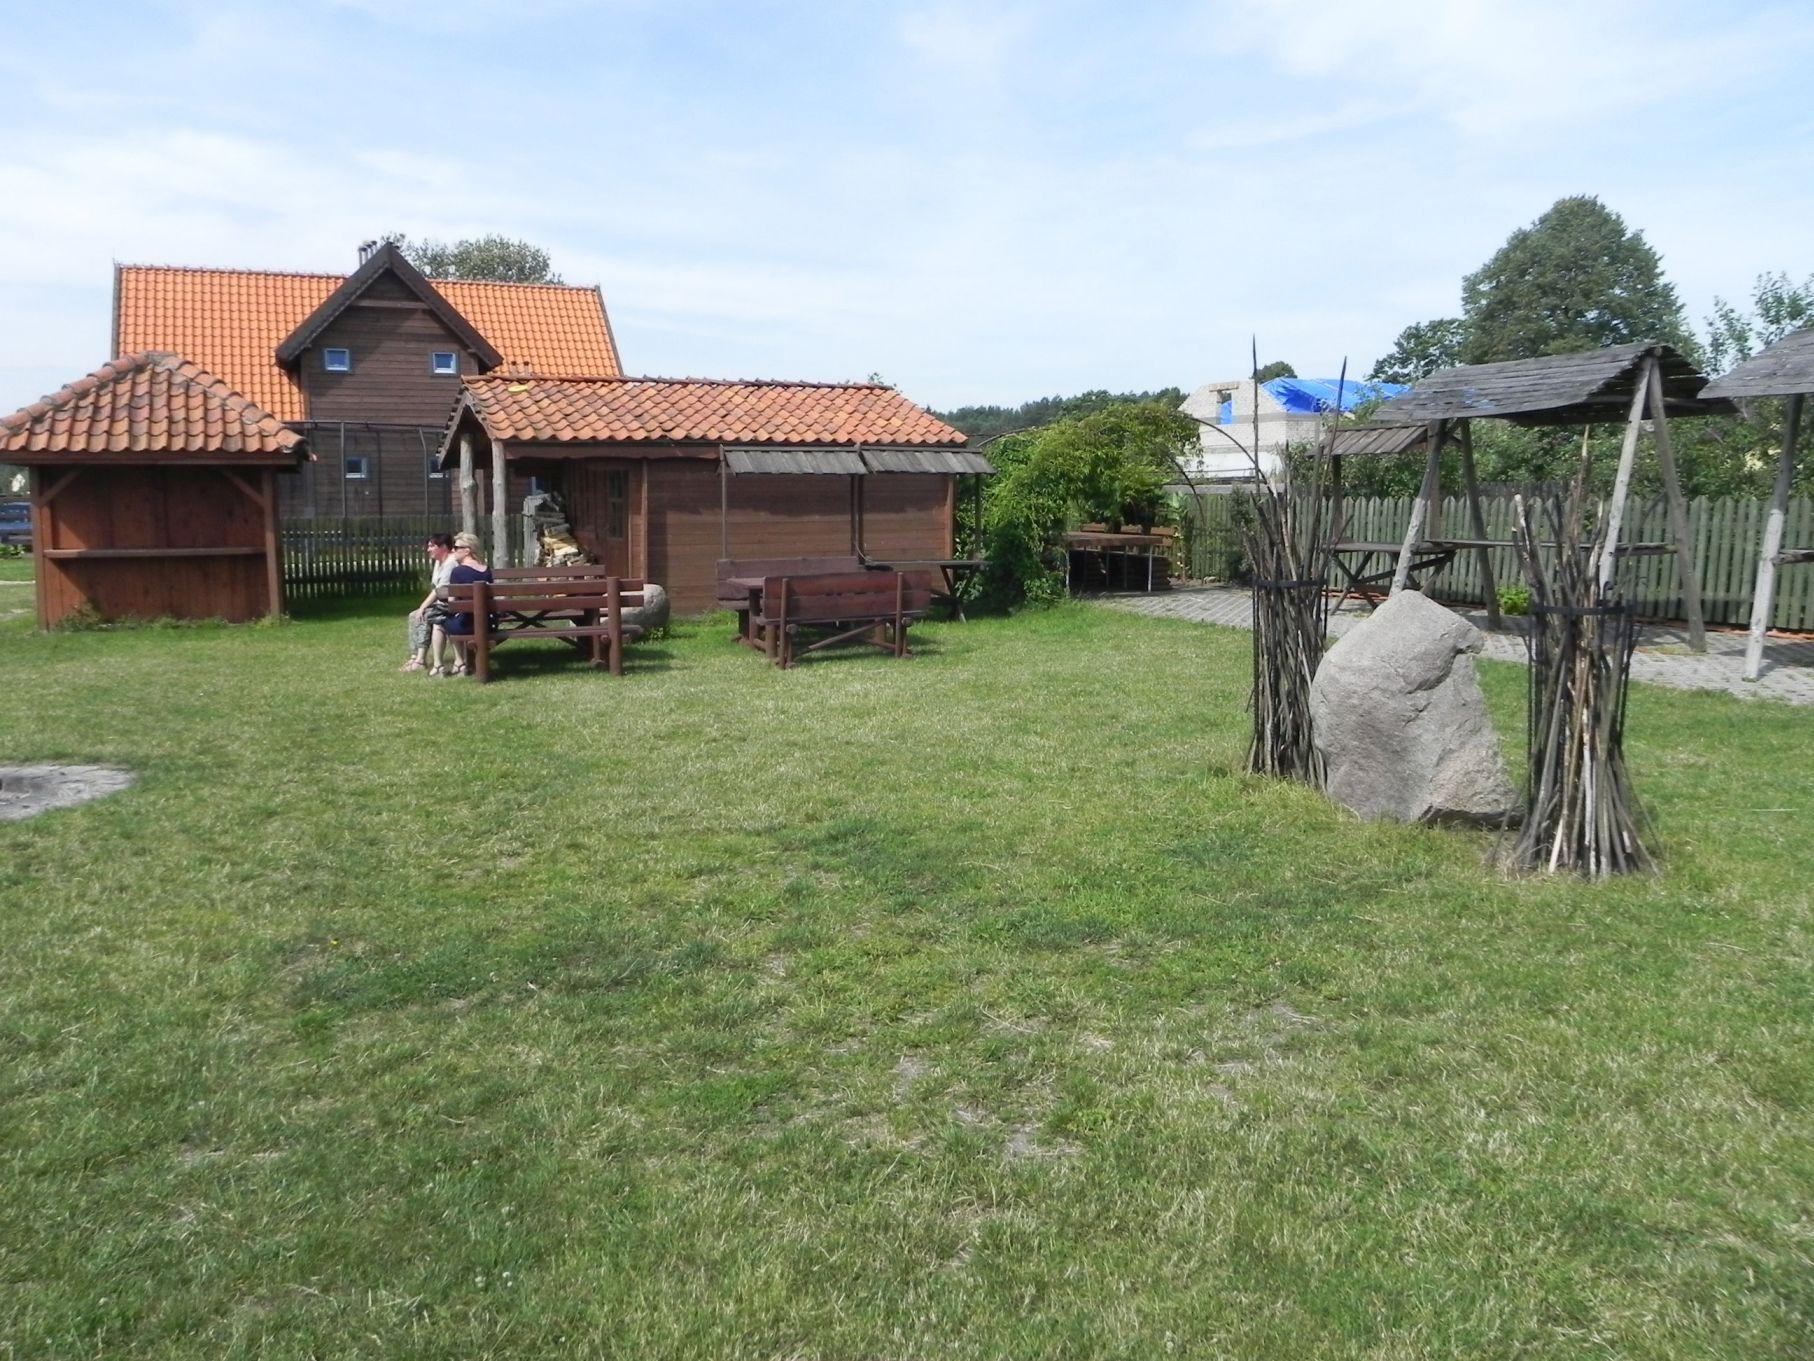 Kamionka - wioski tematyczne (7)